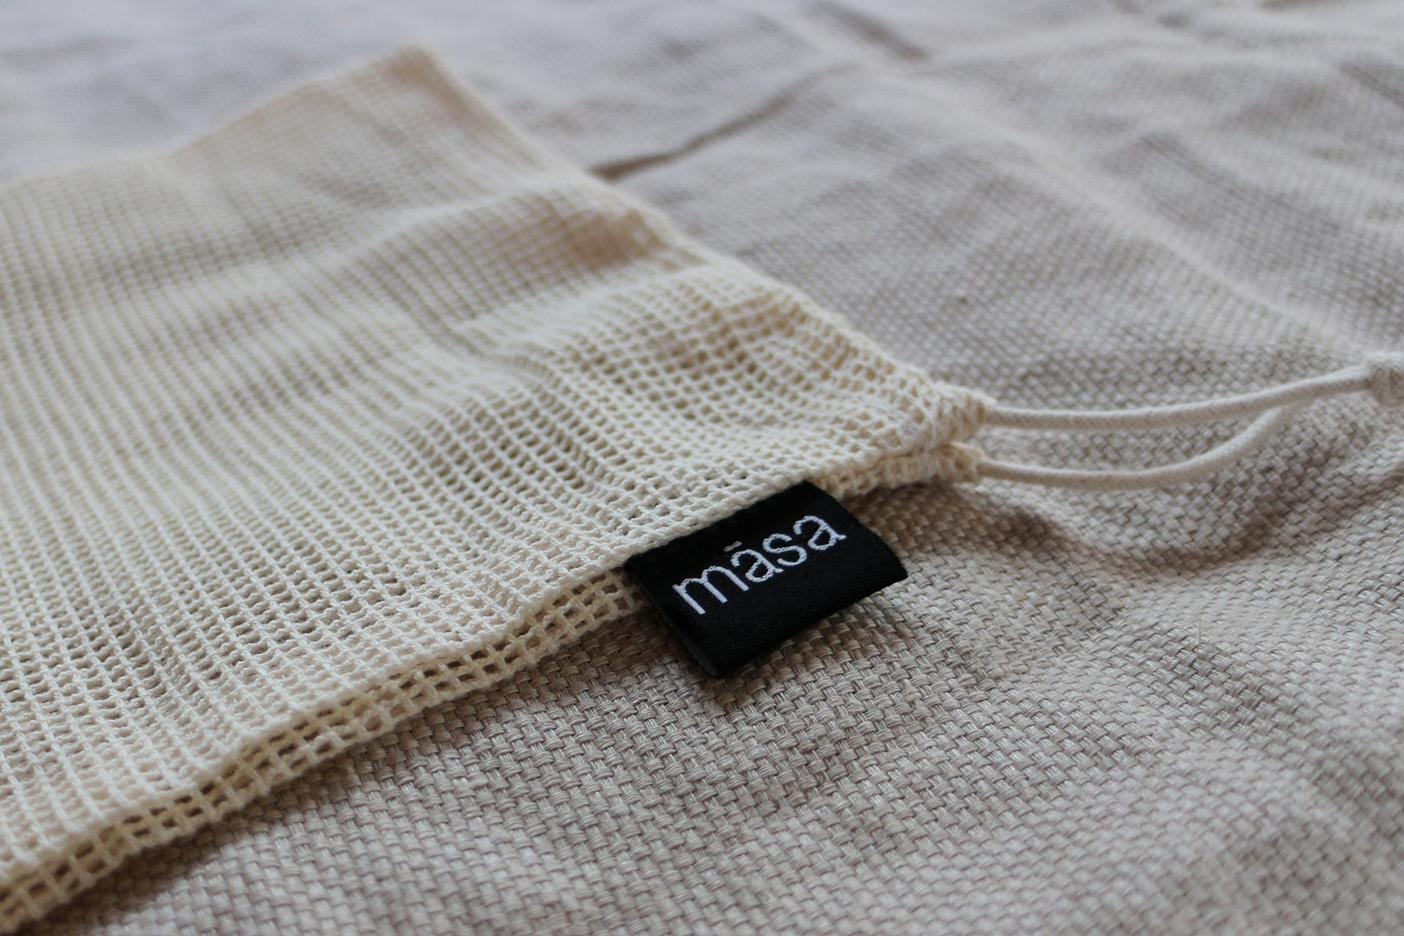 Waszakje voor bh - Waszakje kopen online - Māsa Organic